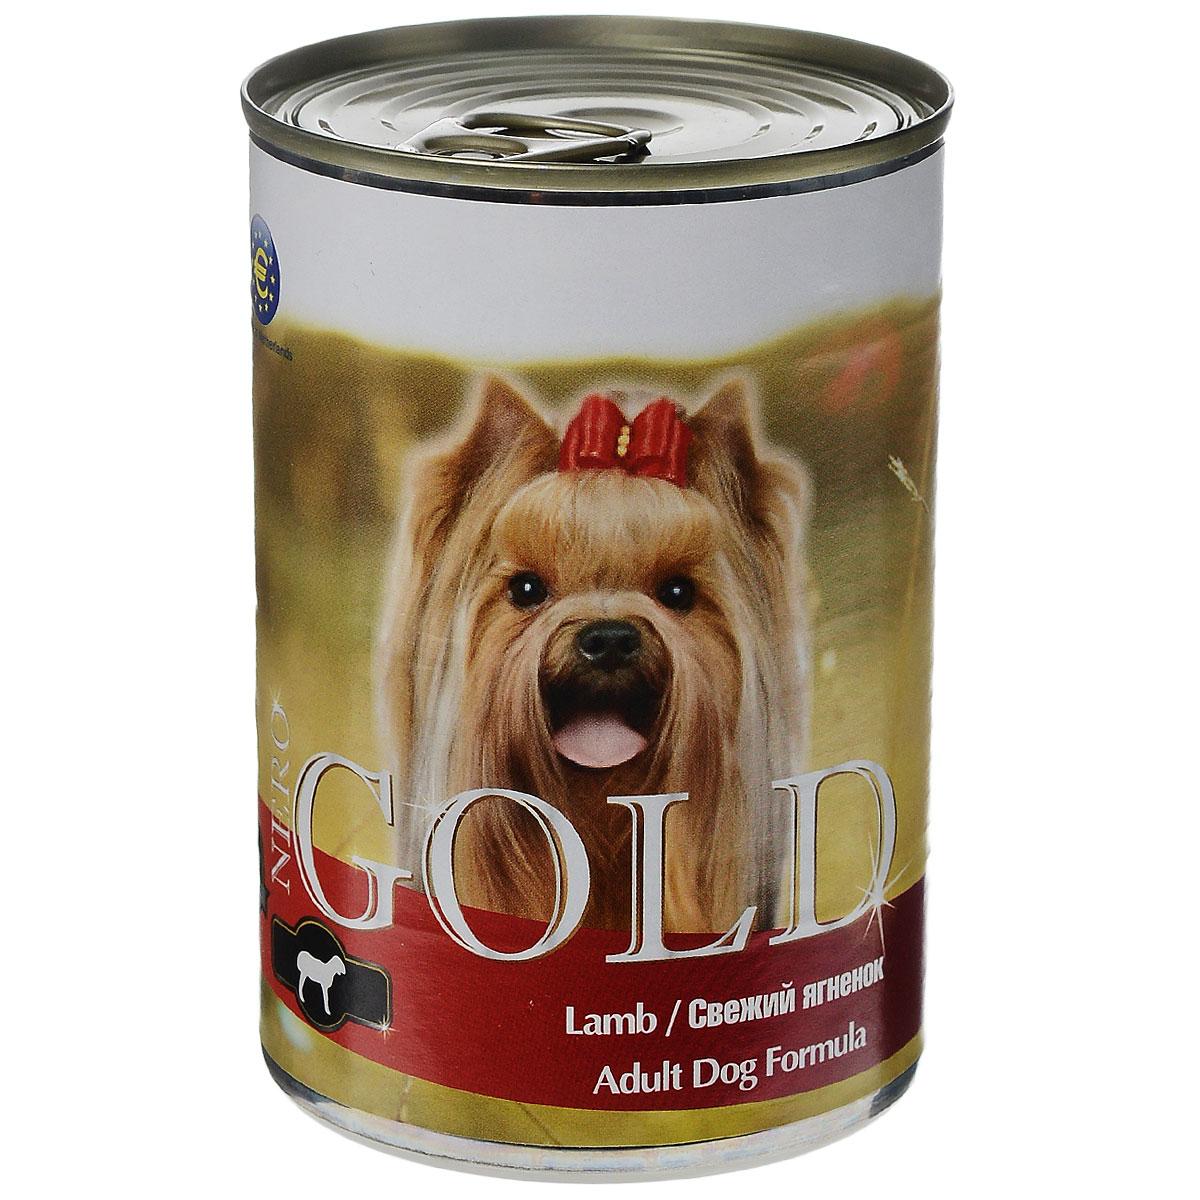 Консервы для собак Nero Gold, свежий ягненок, 410 г10323Консервы для собак Nero Gold - полнорационный продукт, содержащий все необходимые витамины и минералы, сбалансированный для поддержания оптимального здоровья вашего питомца! Состав: мясо и его производные, филе курицы, филе ягненка, злаки, витамины и минералы. Гарантированный анализ: белки 6,5%, жиры 4,5%, клетчатка 0,5%, зола 2%, влага 81%. Пищевые добавки на 1 кг продукта: витамин А 1600 МЕ, витамин D 140 МЕ, витамин Е 10 МЕ, железо 24 мг, марганец 6 мг, цинк 15 мг, медь 1 мг, магний 200 мг, йод 0,3 мг, селен 0,2 мг.Вес: 410 г. Товар сертифицирован.